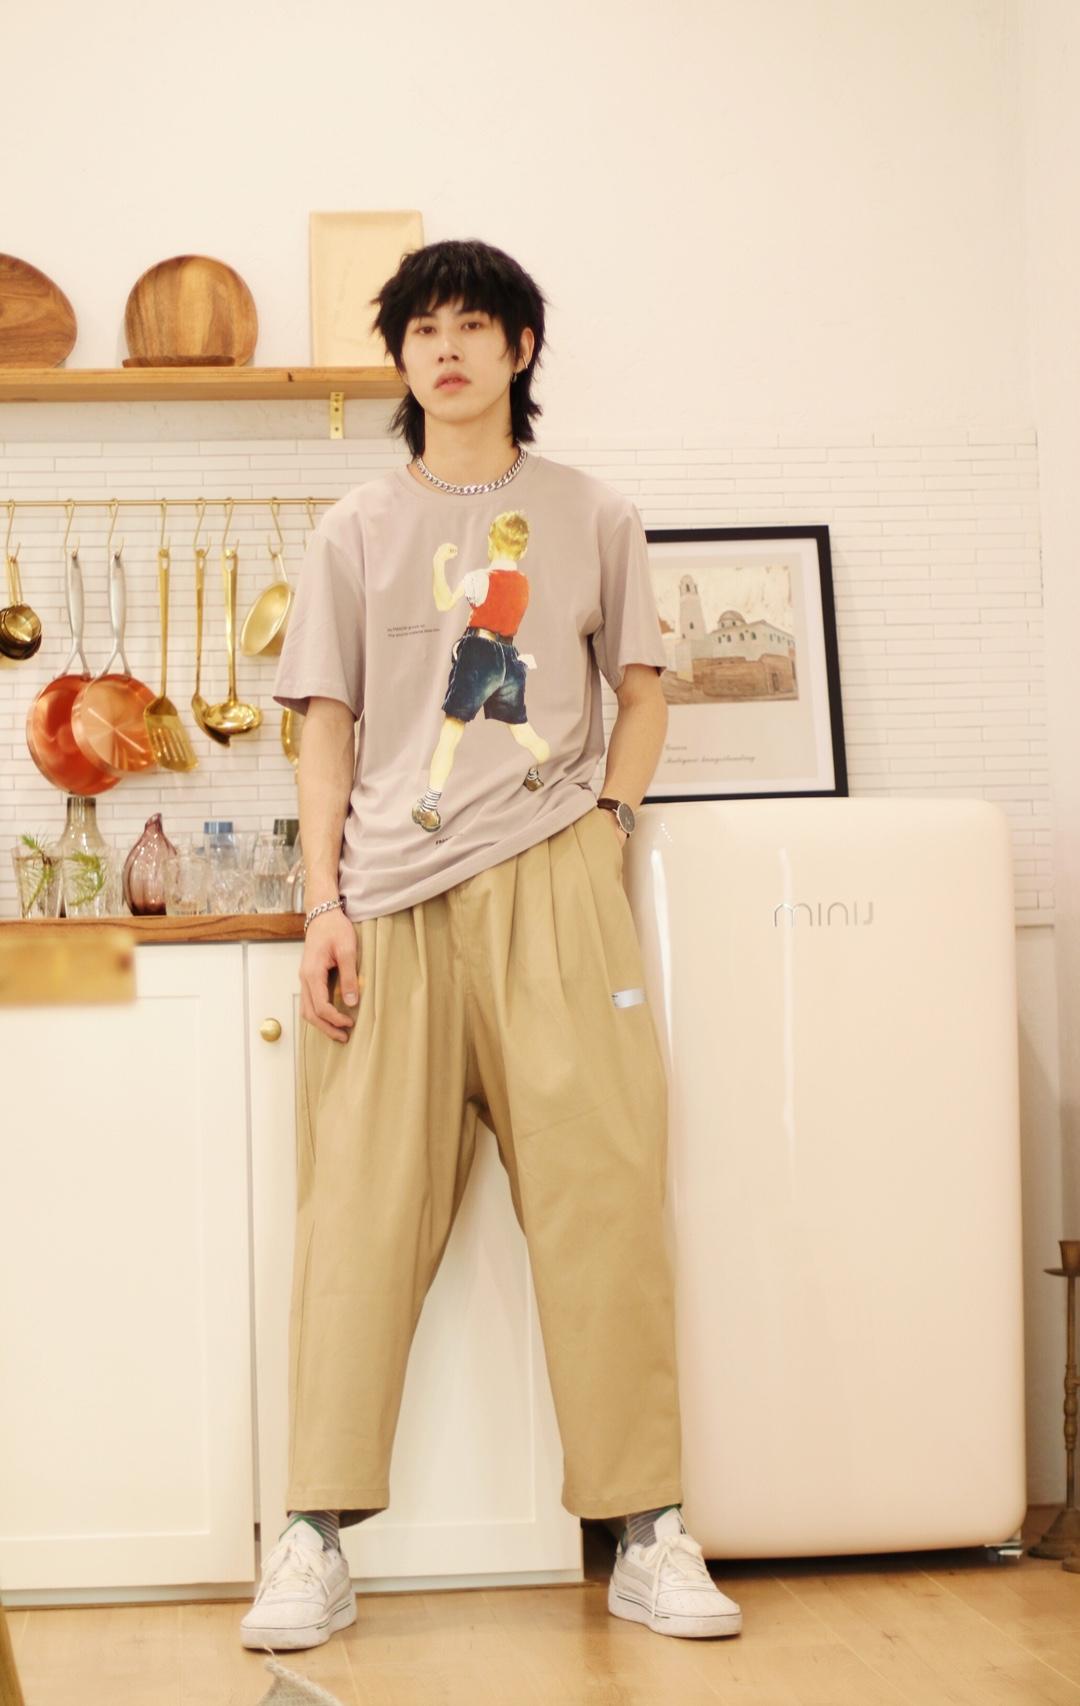 简单的T恤 简单的工装裤 就能搭配出轻潮感 不会让人觉得不会穿衣服的感觉 轻松搭配 夺人一位 喜欢就赶快get起来吧!!!#蘑菇街新品测评#